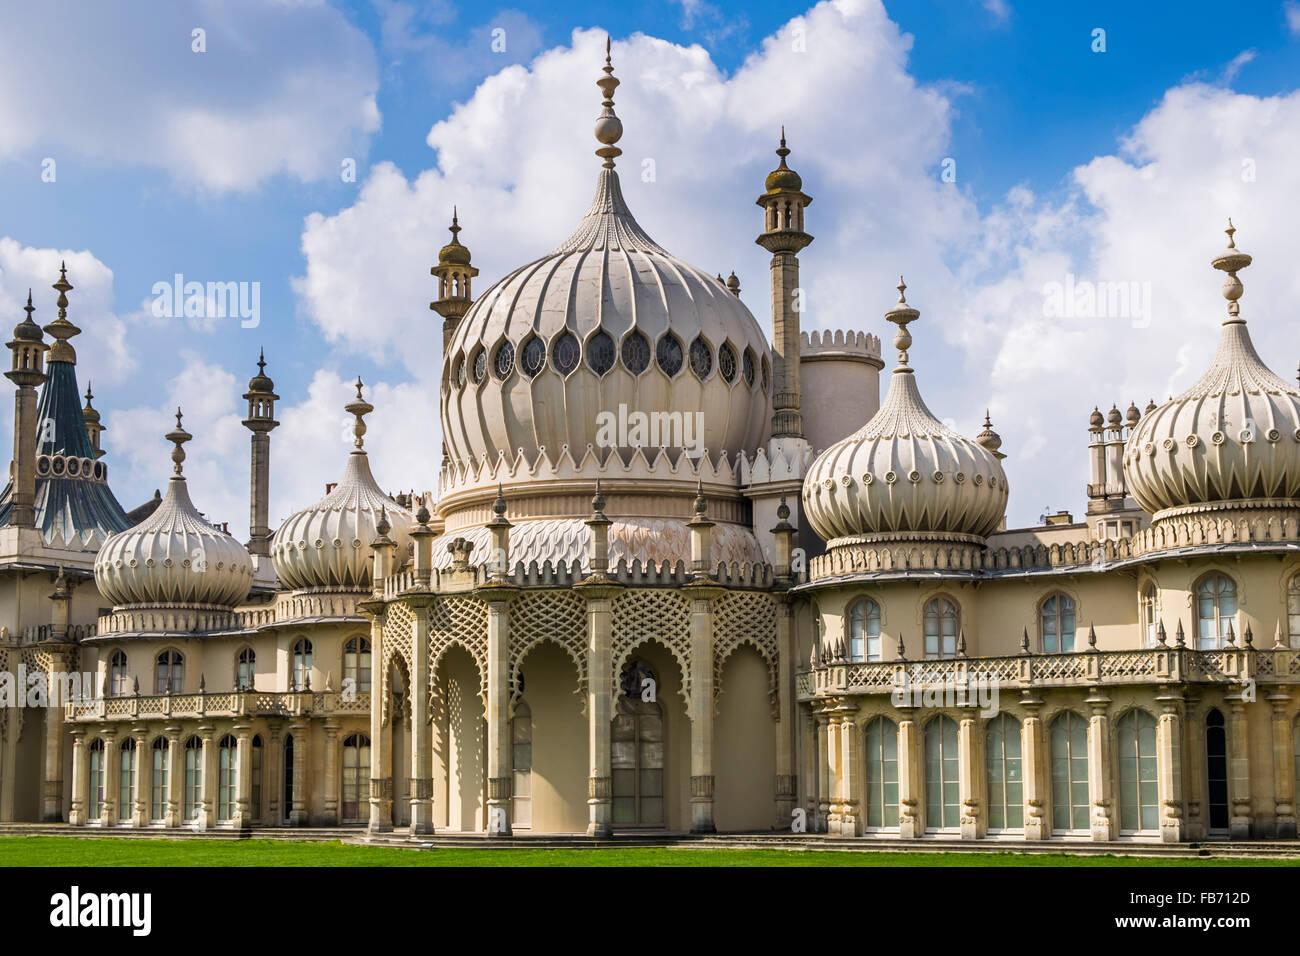 Brighton Pavilion, der Küstenstadt Rückzug von Prince George, der Prinz Regent, im 18. Jahrhundert, Brighton Stockbild